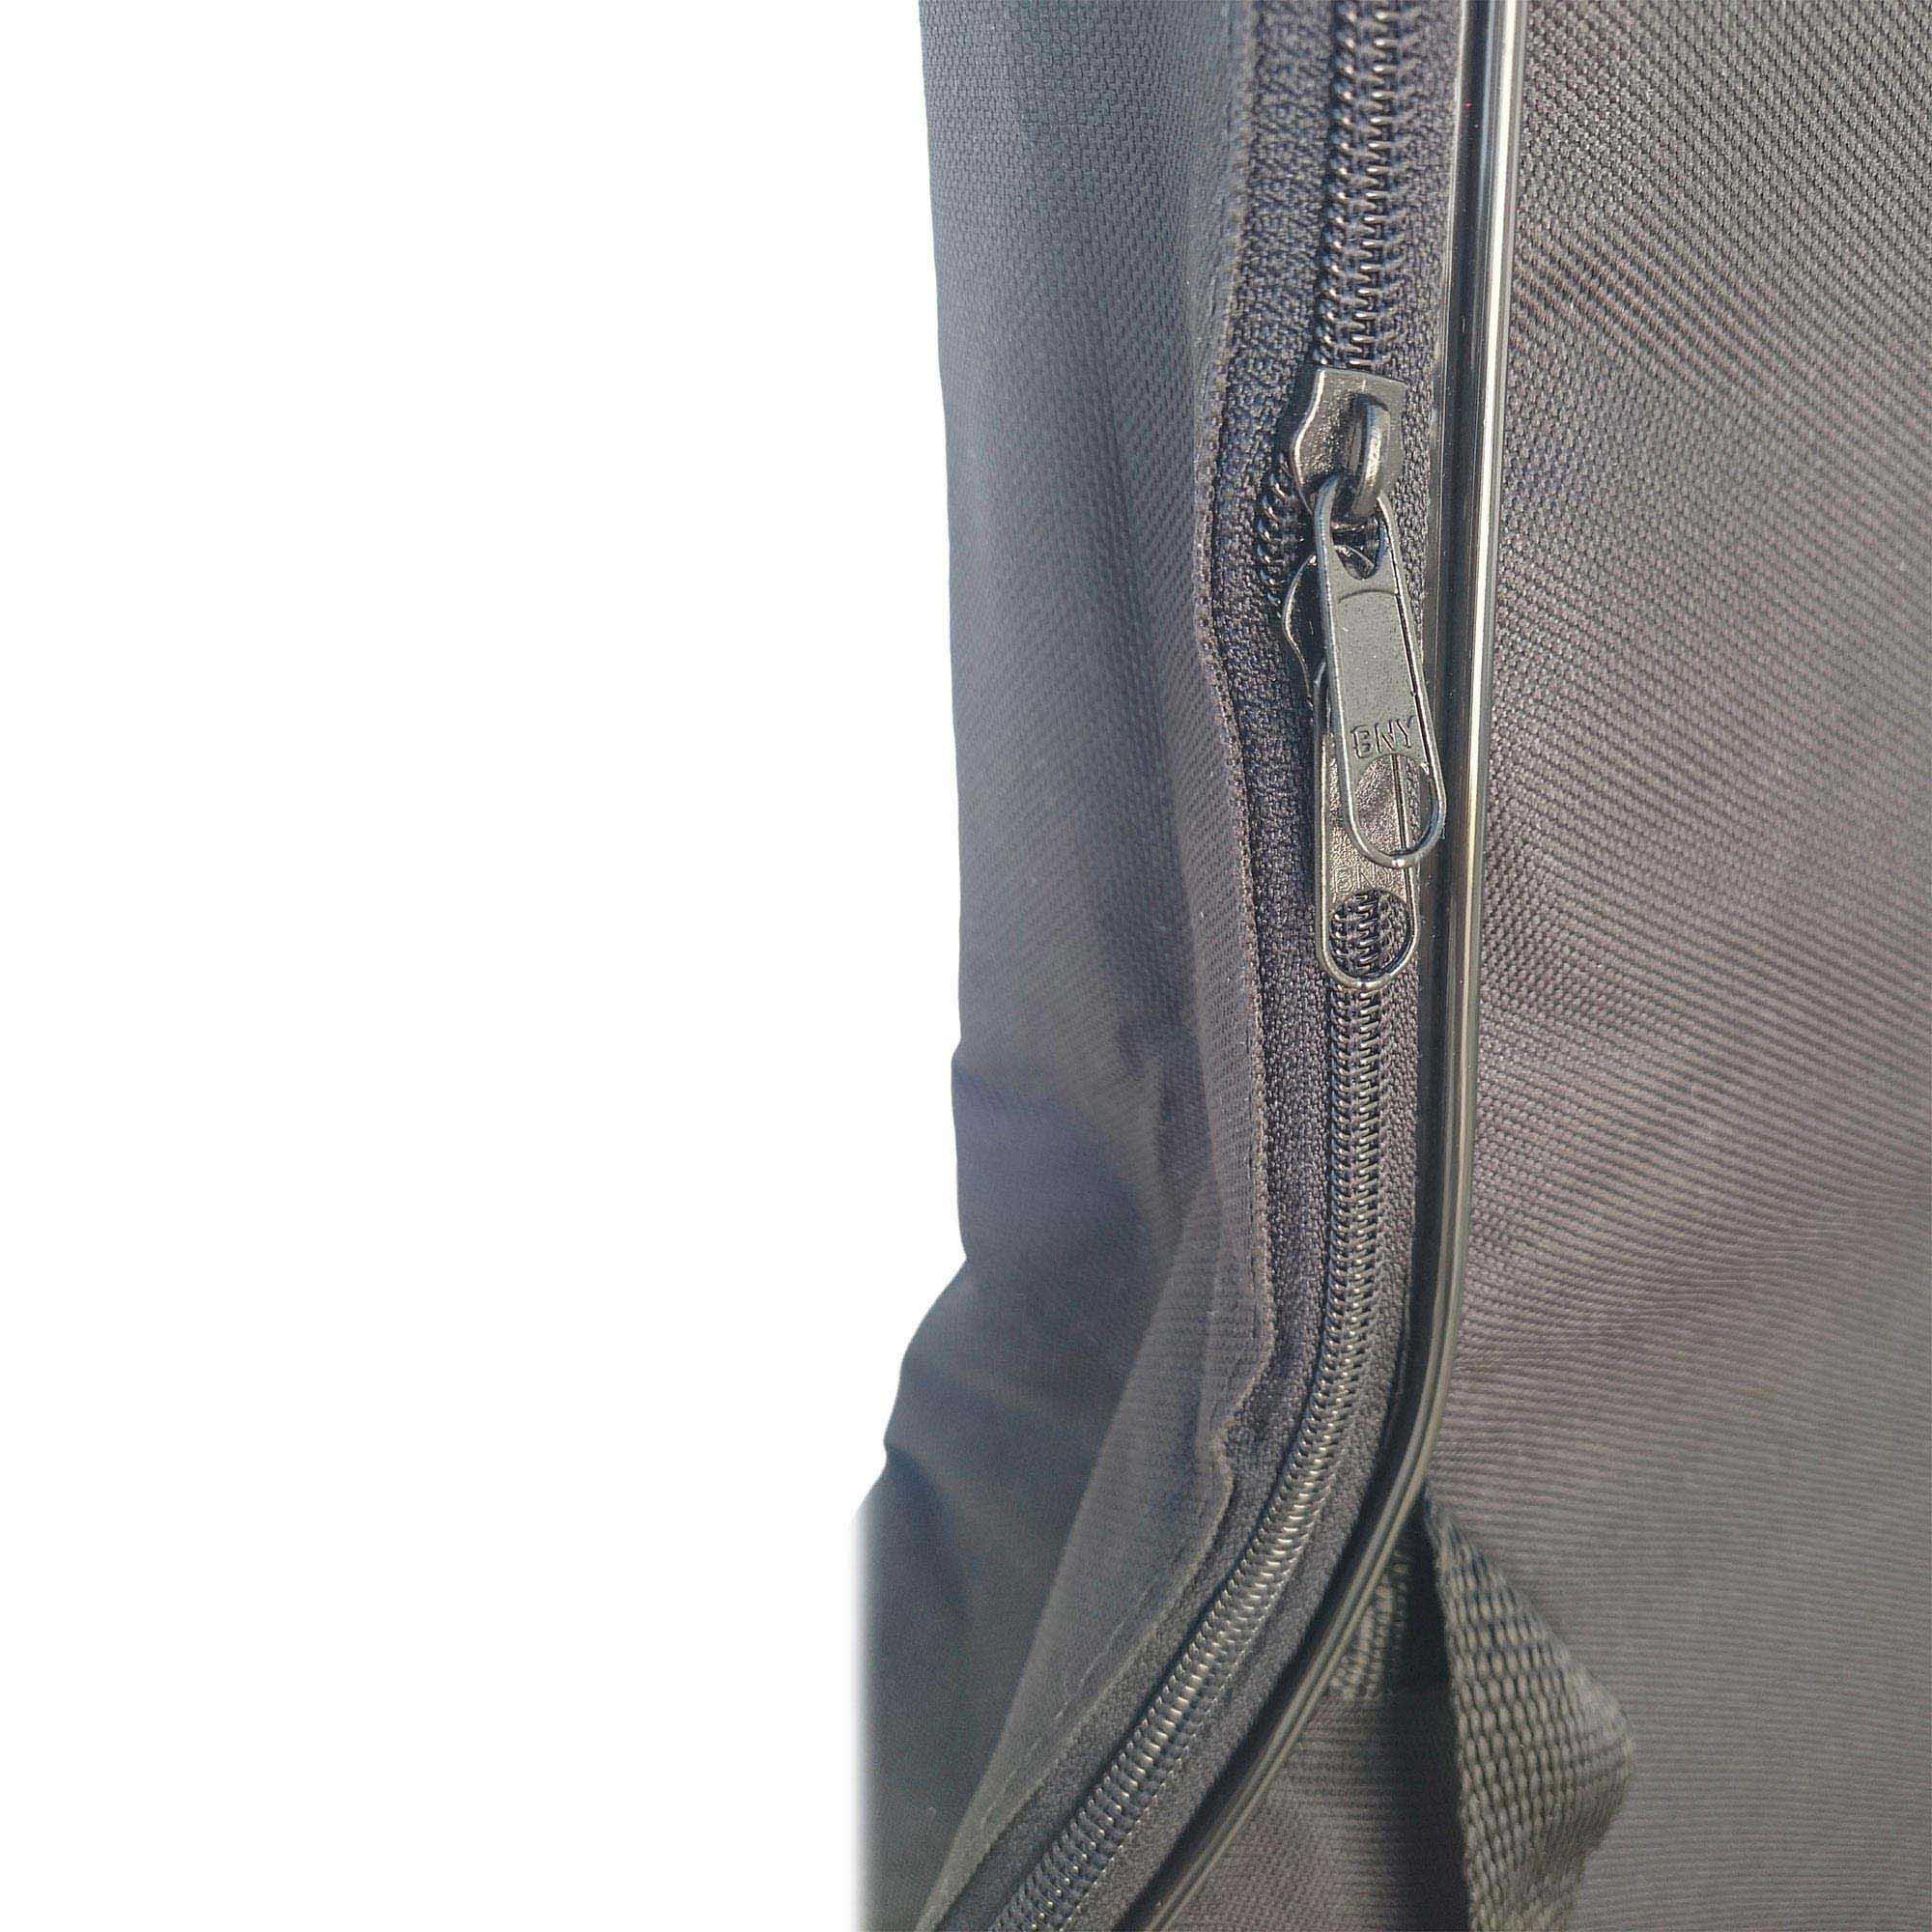 Capa Bag Para Violão Clássico Luxo CLAVE & BAG. Acolchoada, alça de mão e de mochila. LU 502  - ROOSTERMUSIC